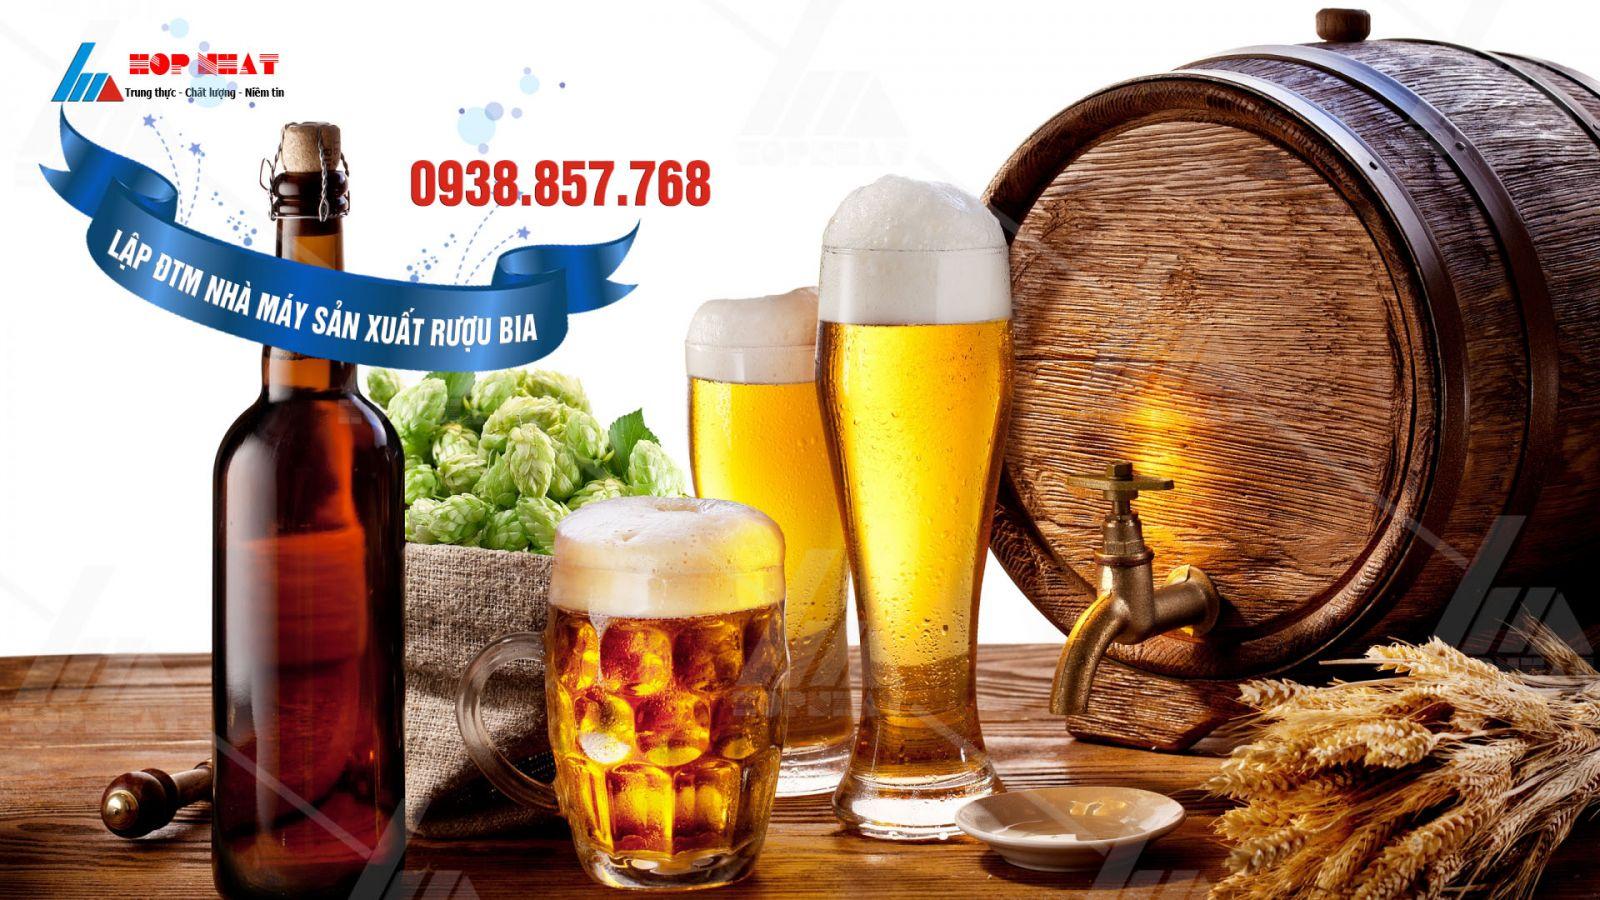 Lập ĐTM nhà máy sản xuất rượu bia